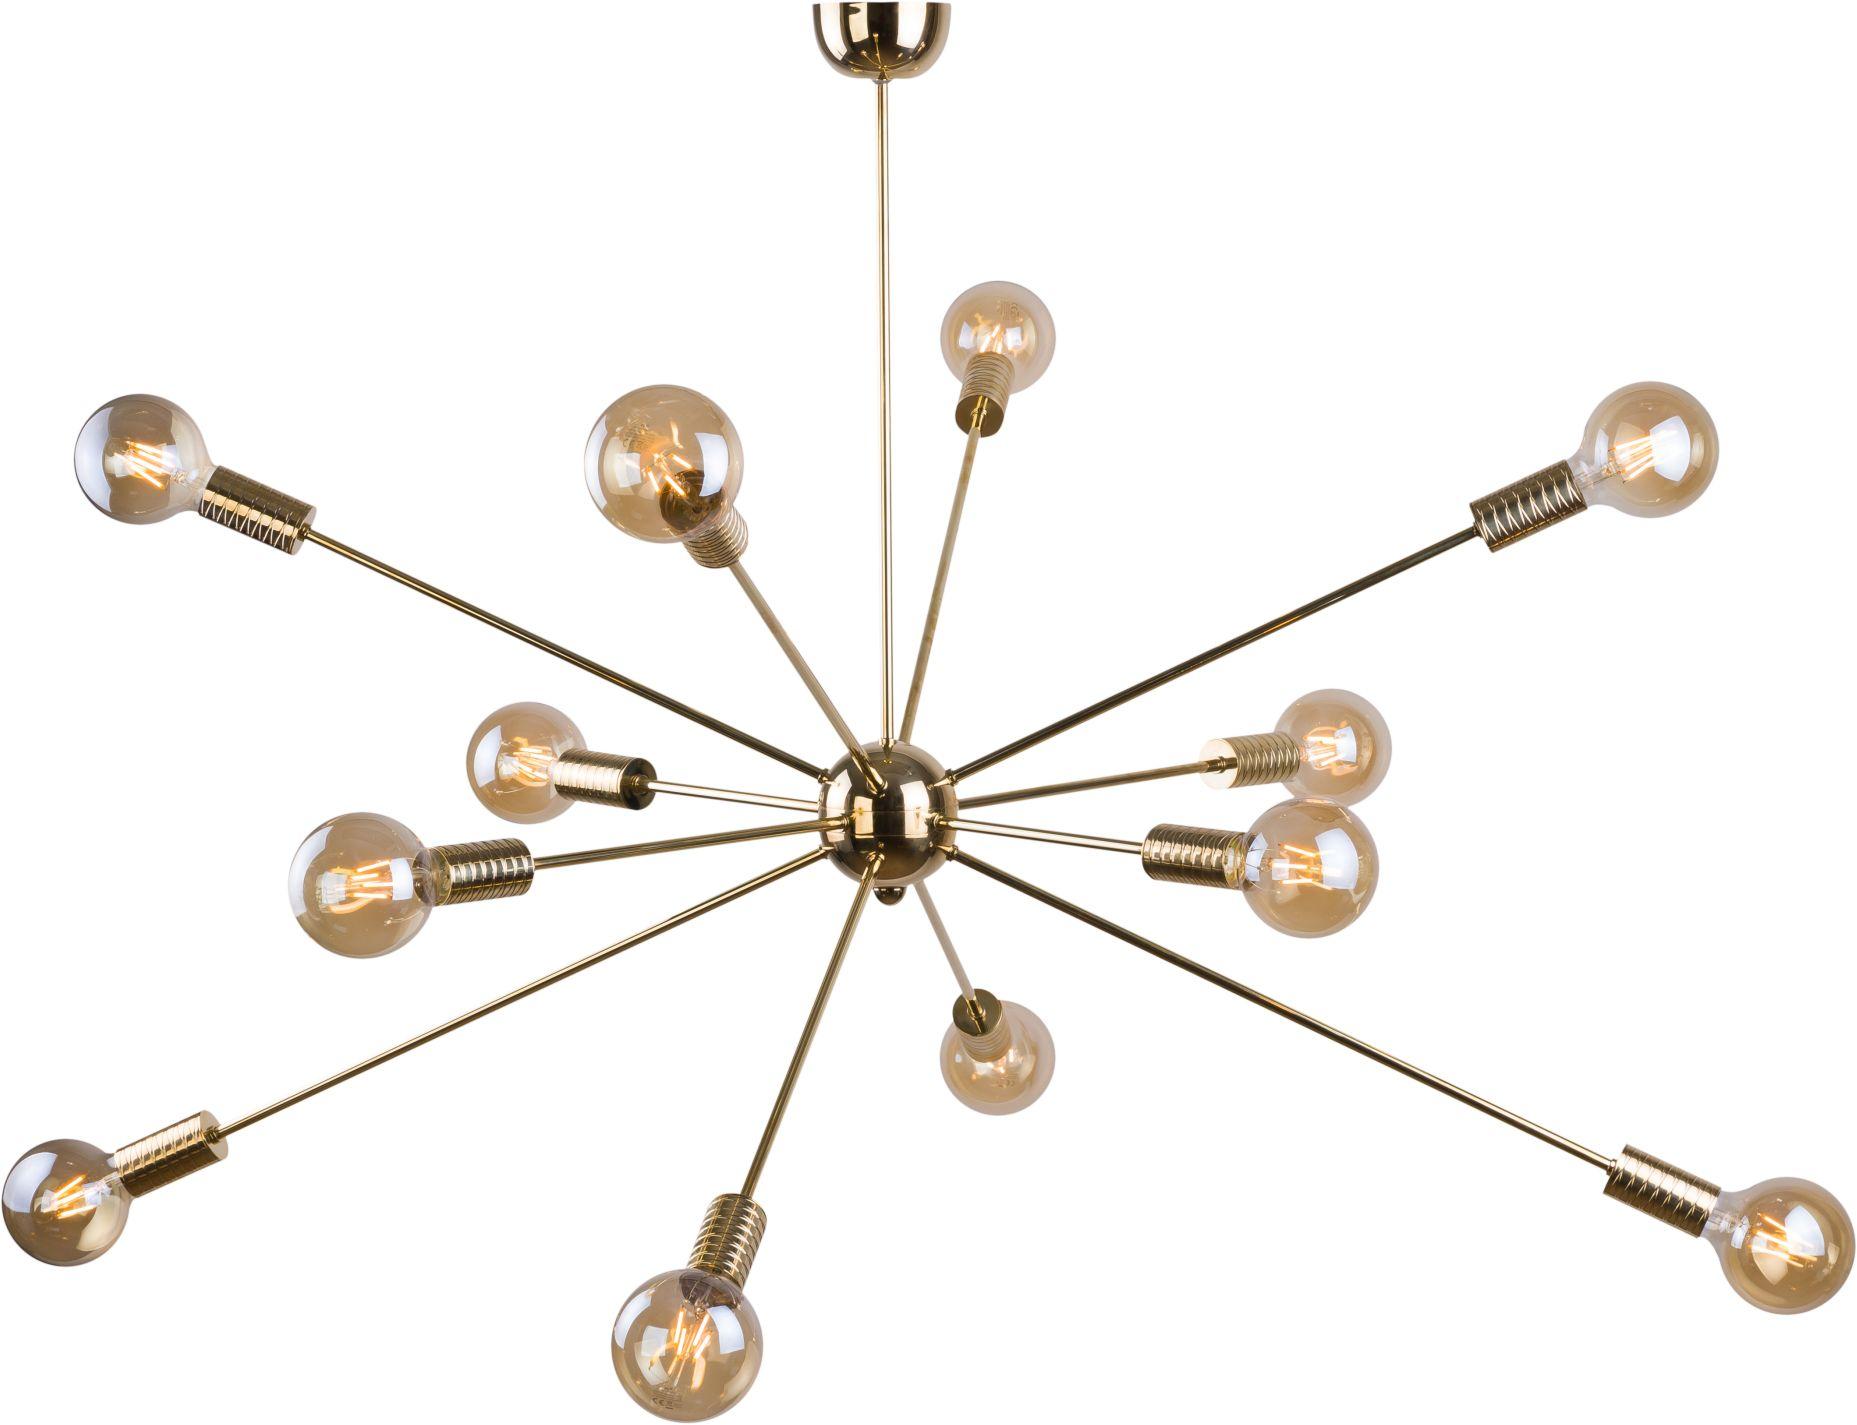 Lampa wisząca Danaia 0149 Amplex nowoczesna oprawa w kolorze złotym